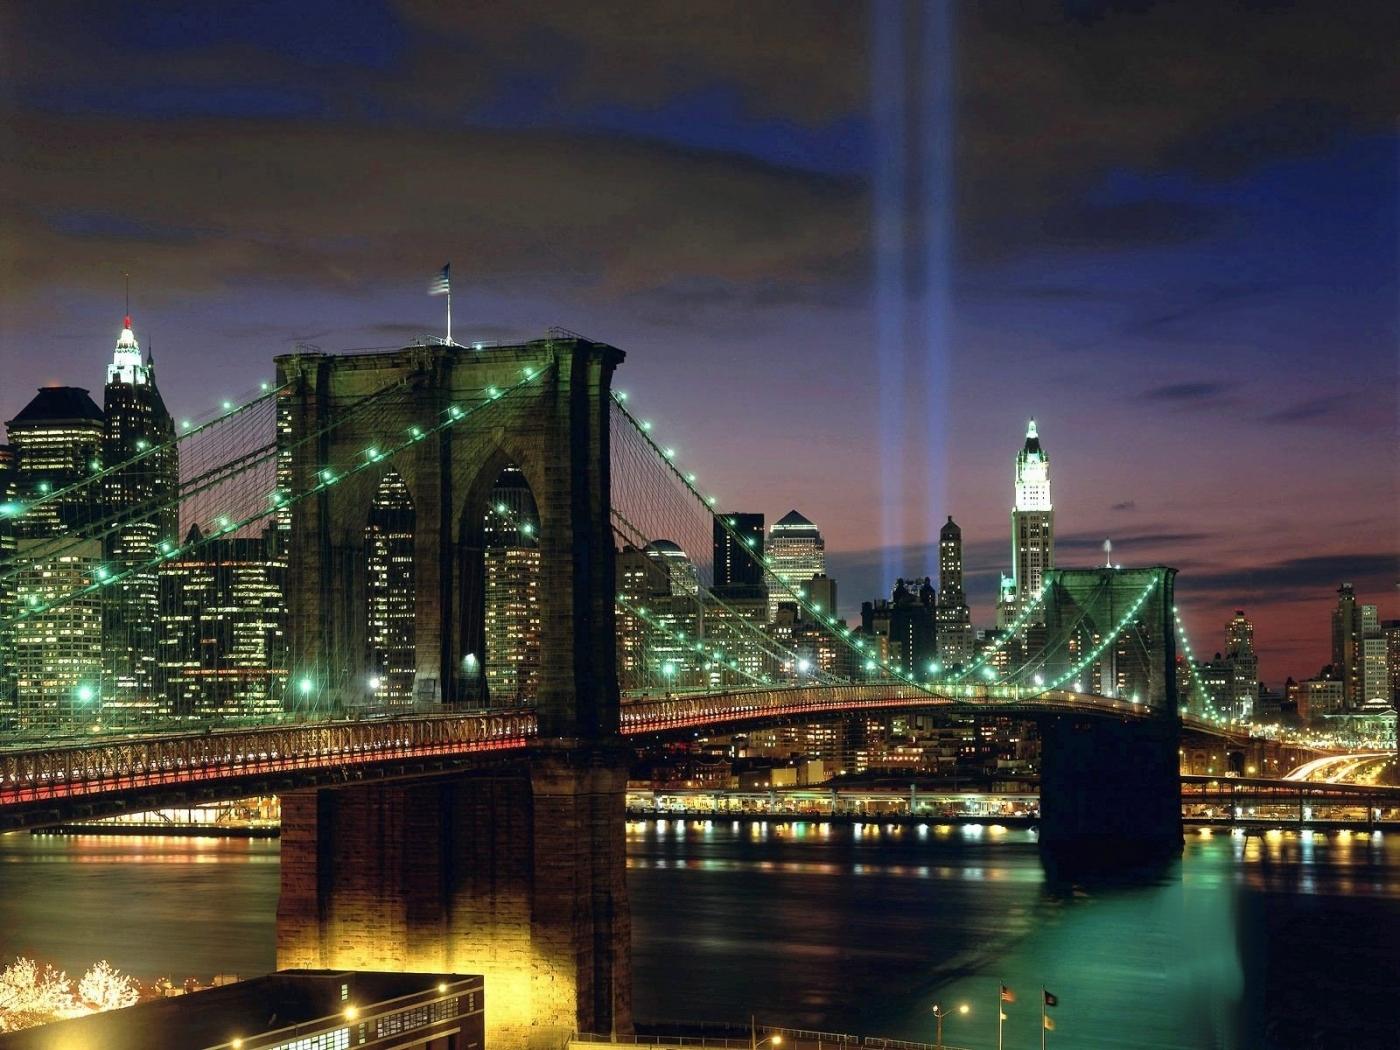 48360 économiseurs d'écran et fonds d'écran Bridges sur votre téléphone. Téléchargez Paysage, Villes, Bridges images gratuitement